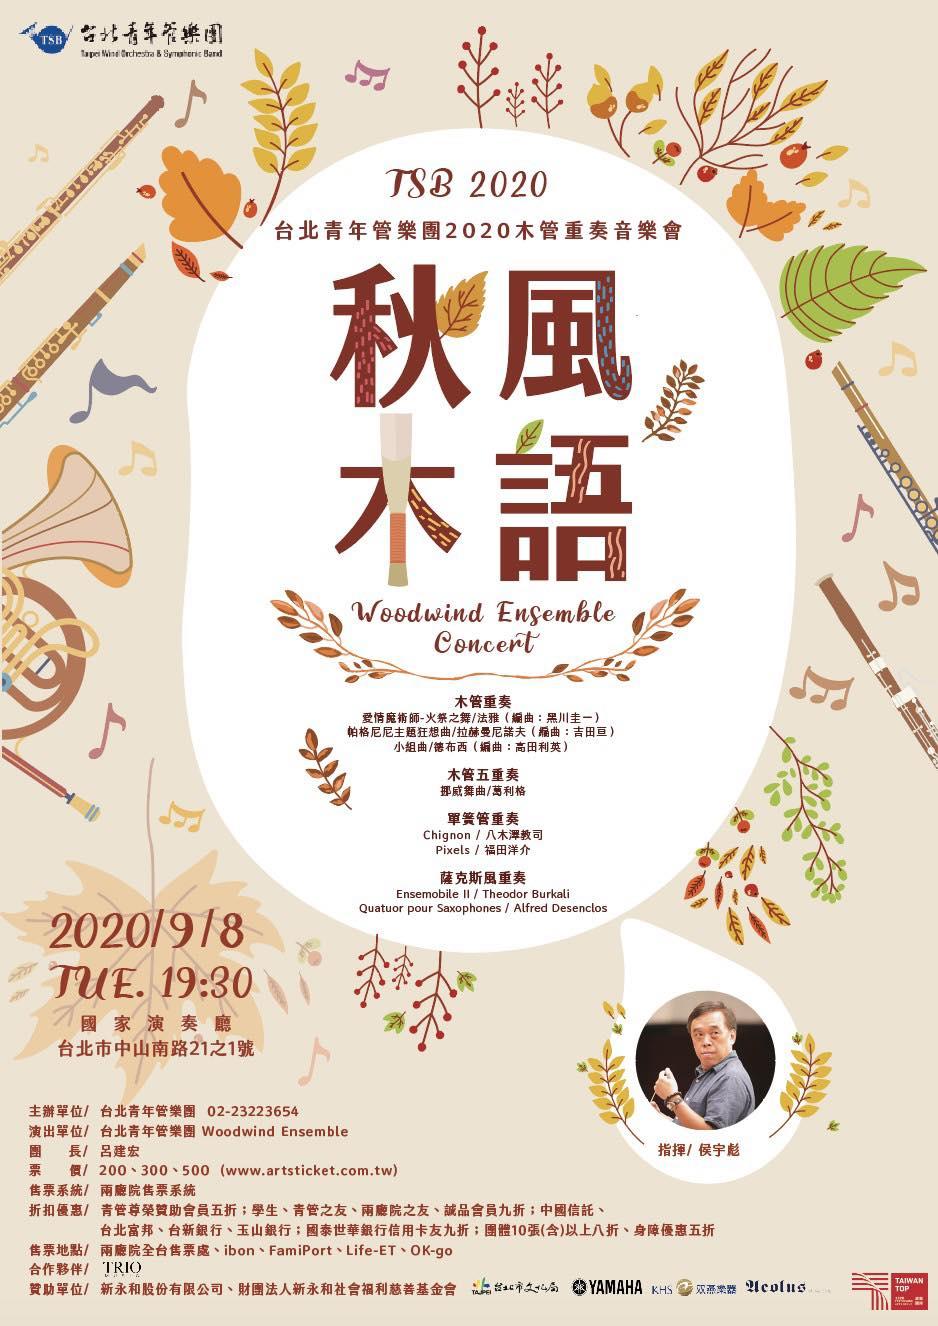 台北青年管樂團2020木管重奏音樂會《秋風木語》